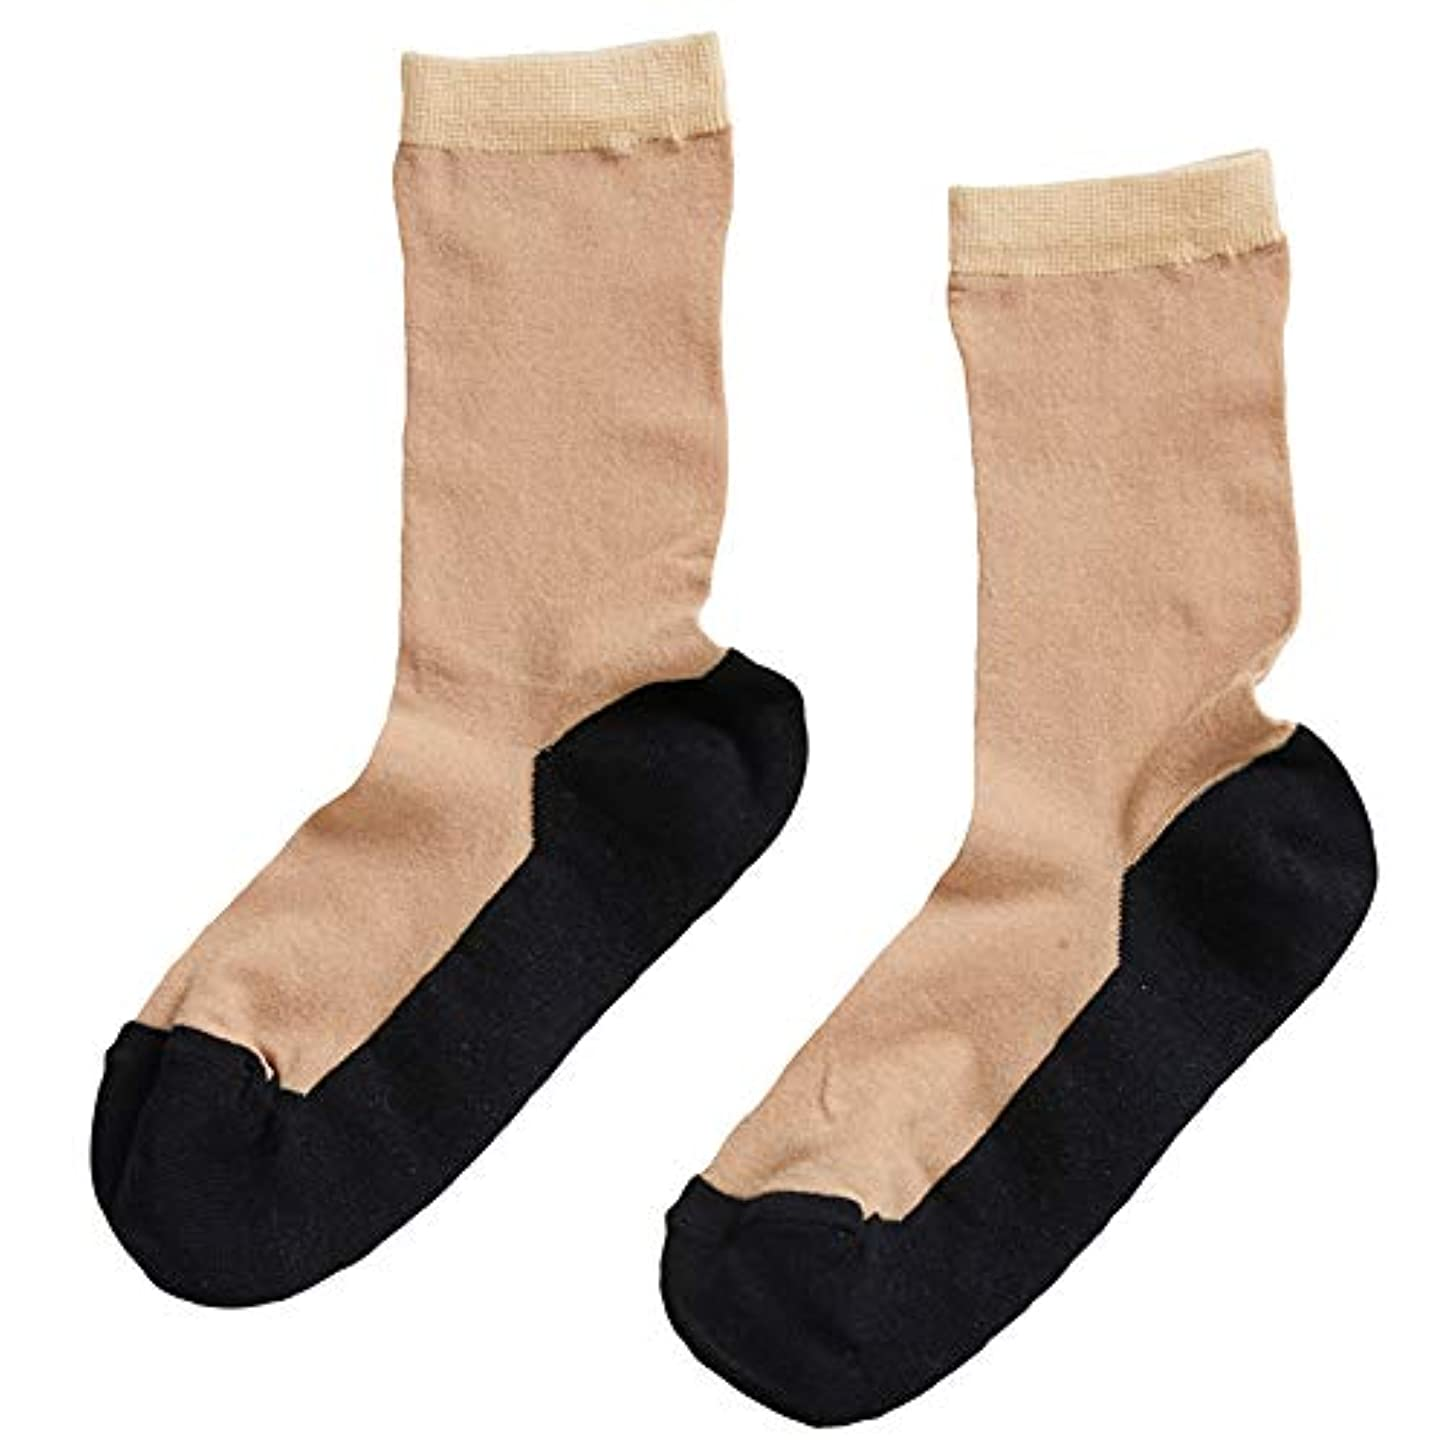 ふざけた禁輸同化ストッキングソックス ショートストッキング風 靴下 9457◆2足セット ブラック